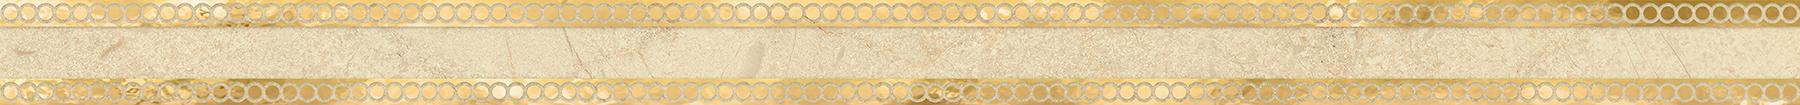 Миланезе дизайн Бордюр Римский крема 1506-0157 3,6х60 бордюр настенный 6х60 3 миланезе дизайн флорал крема